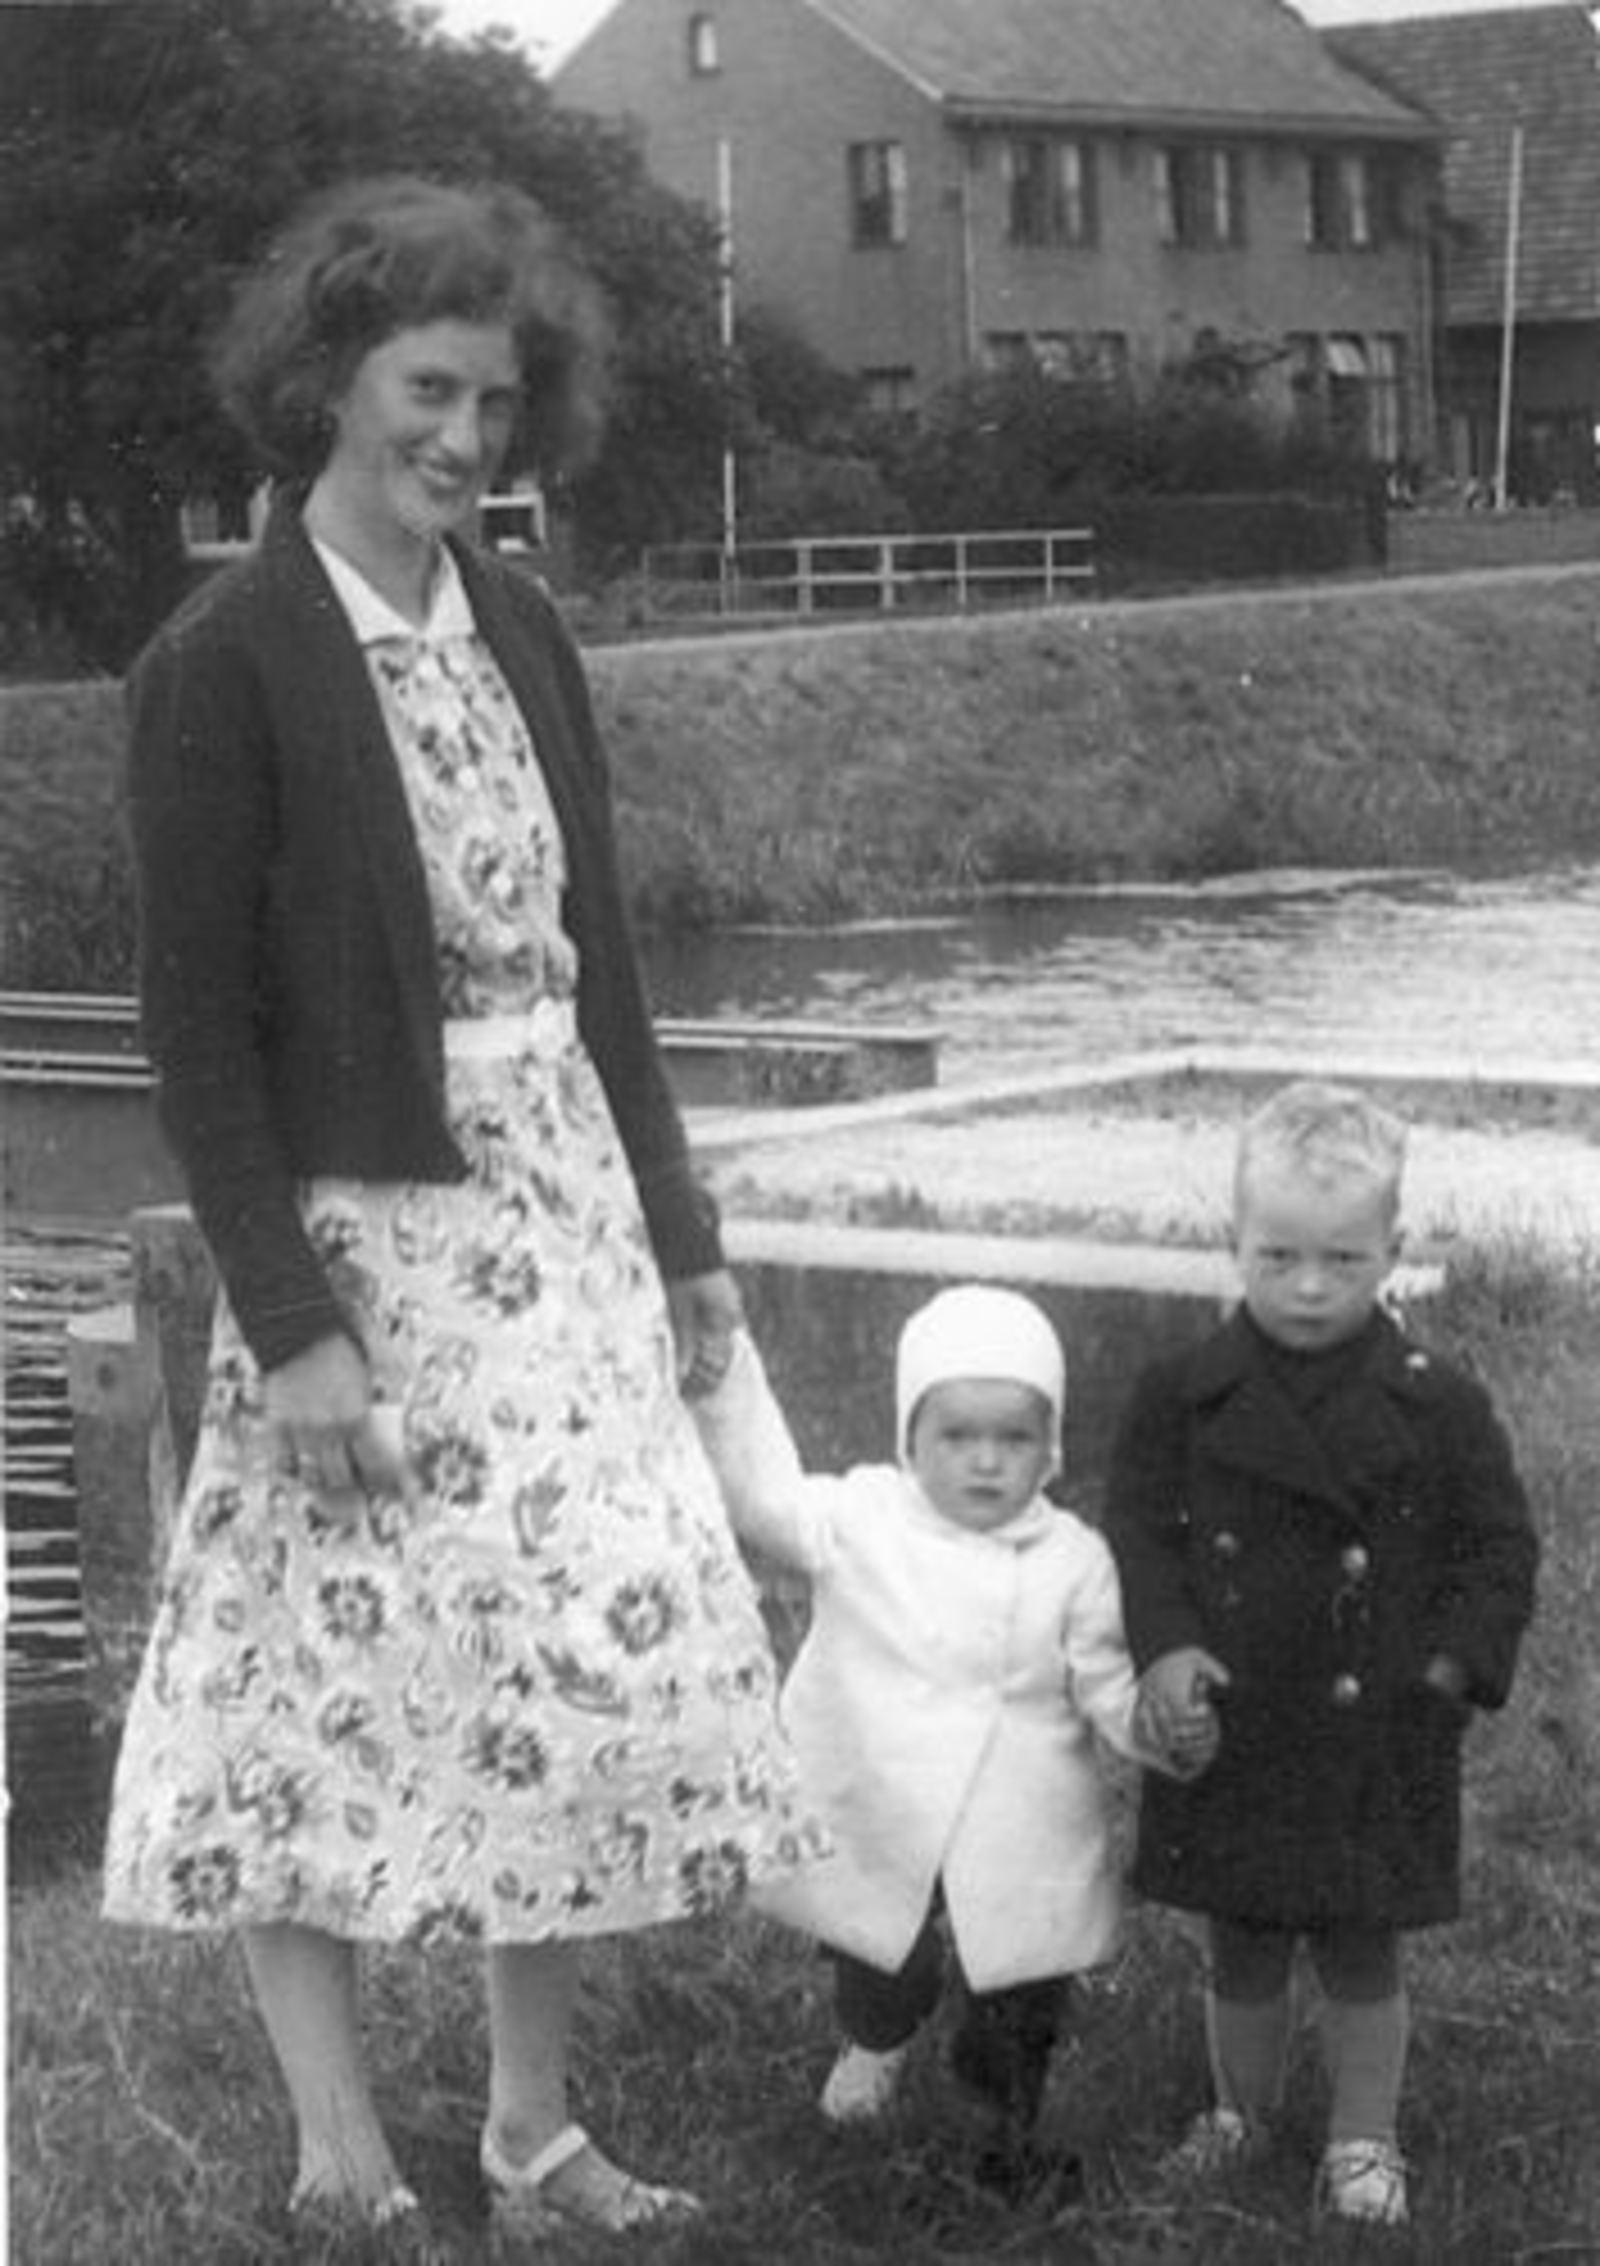 Hoofdweg W 1219- 1952± Marijtje J Beerendonk-Dam bij Spoorbrug